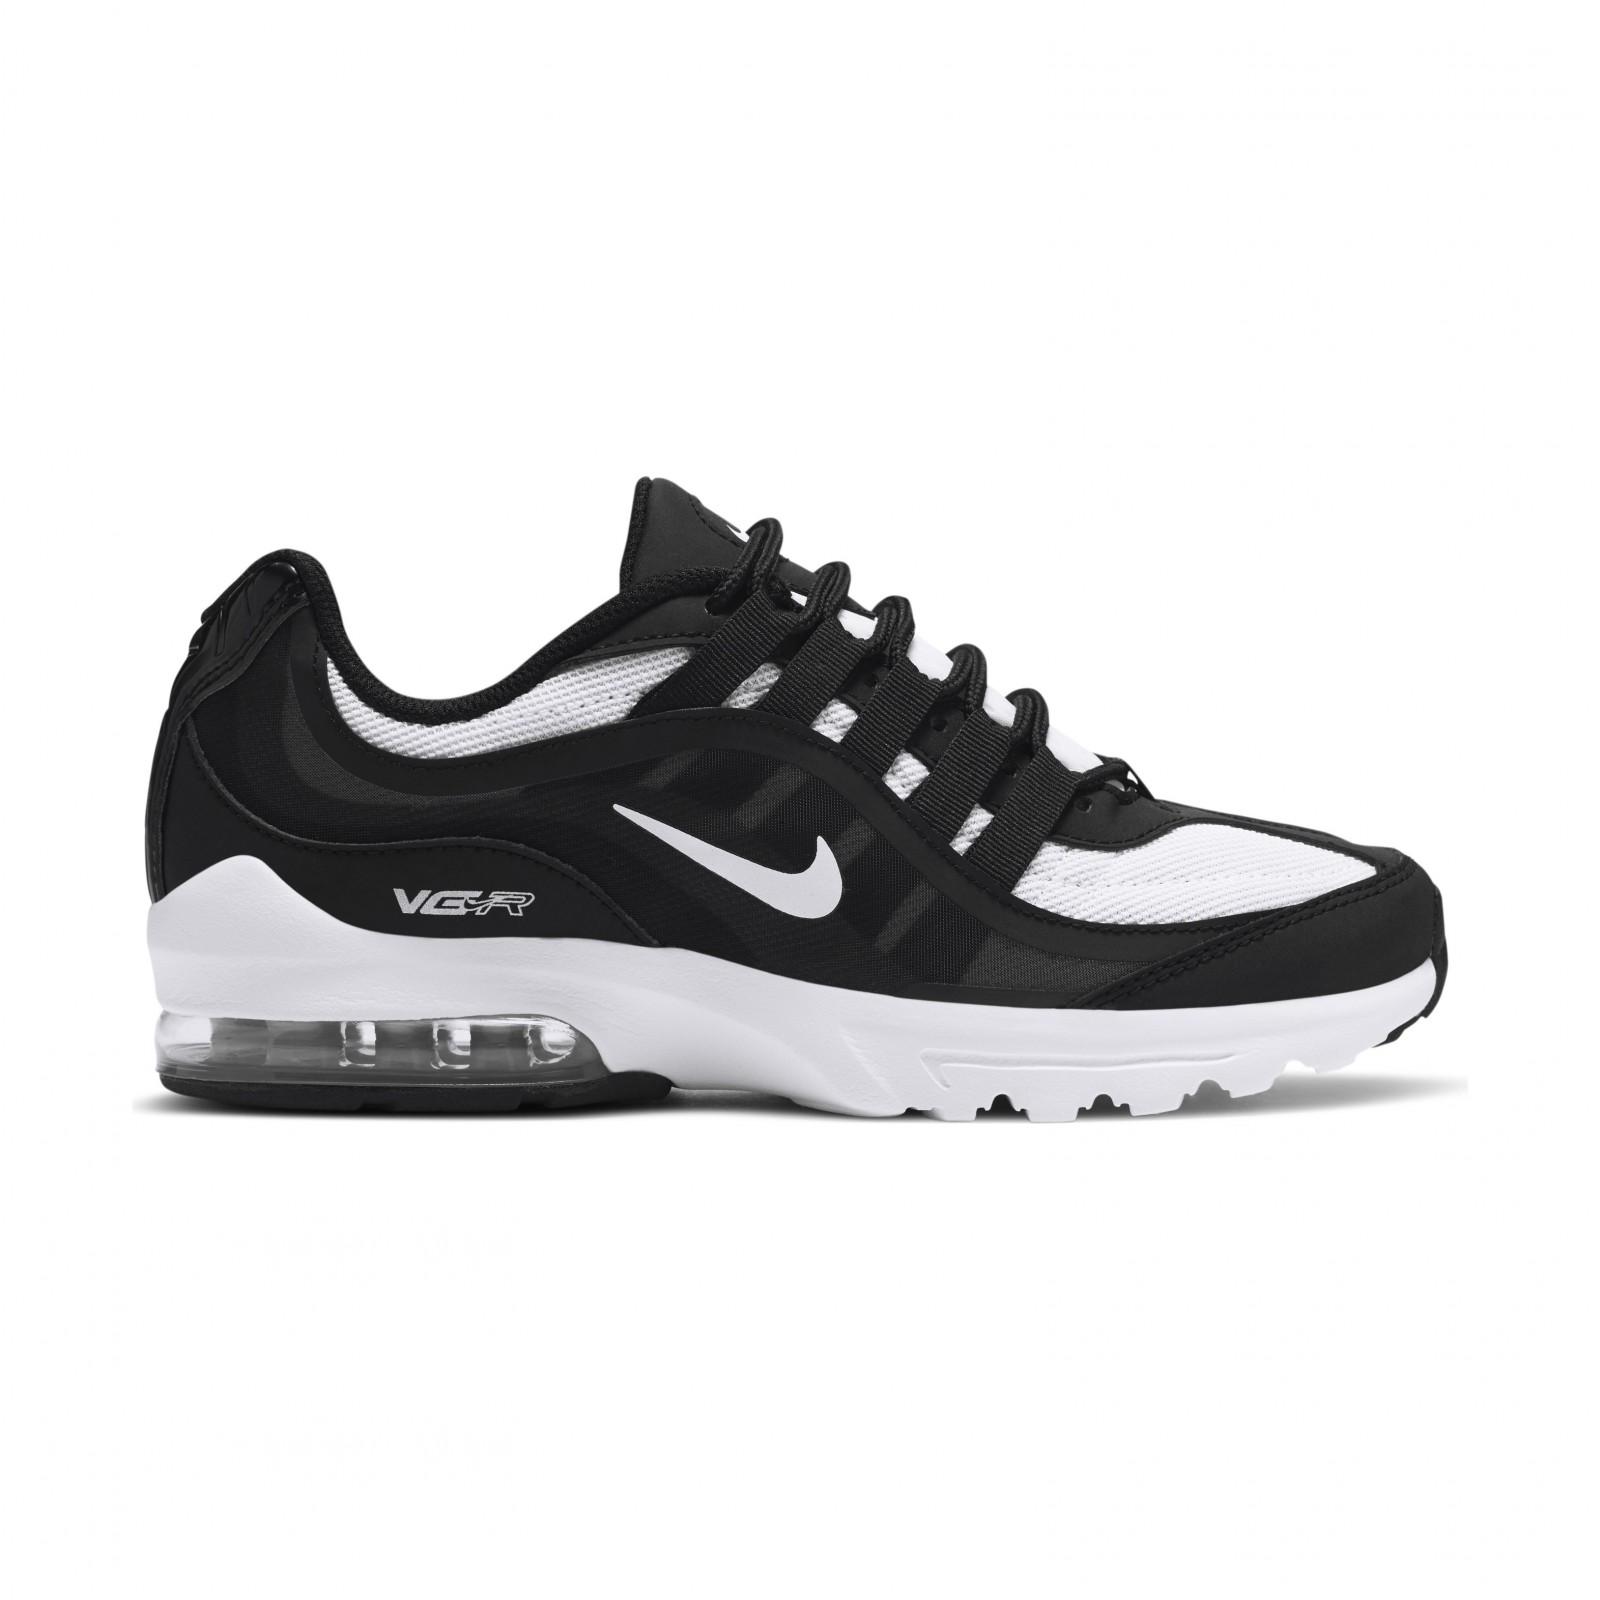 Nike Air Max VG-R BLACK/WHITE-BLACK